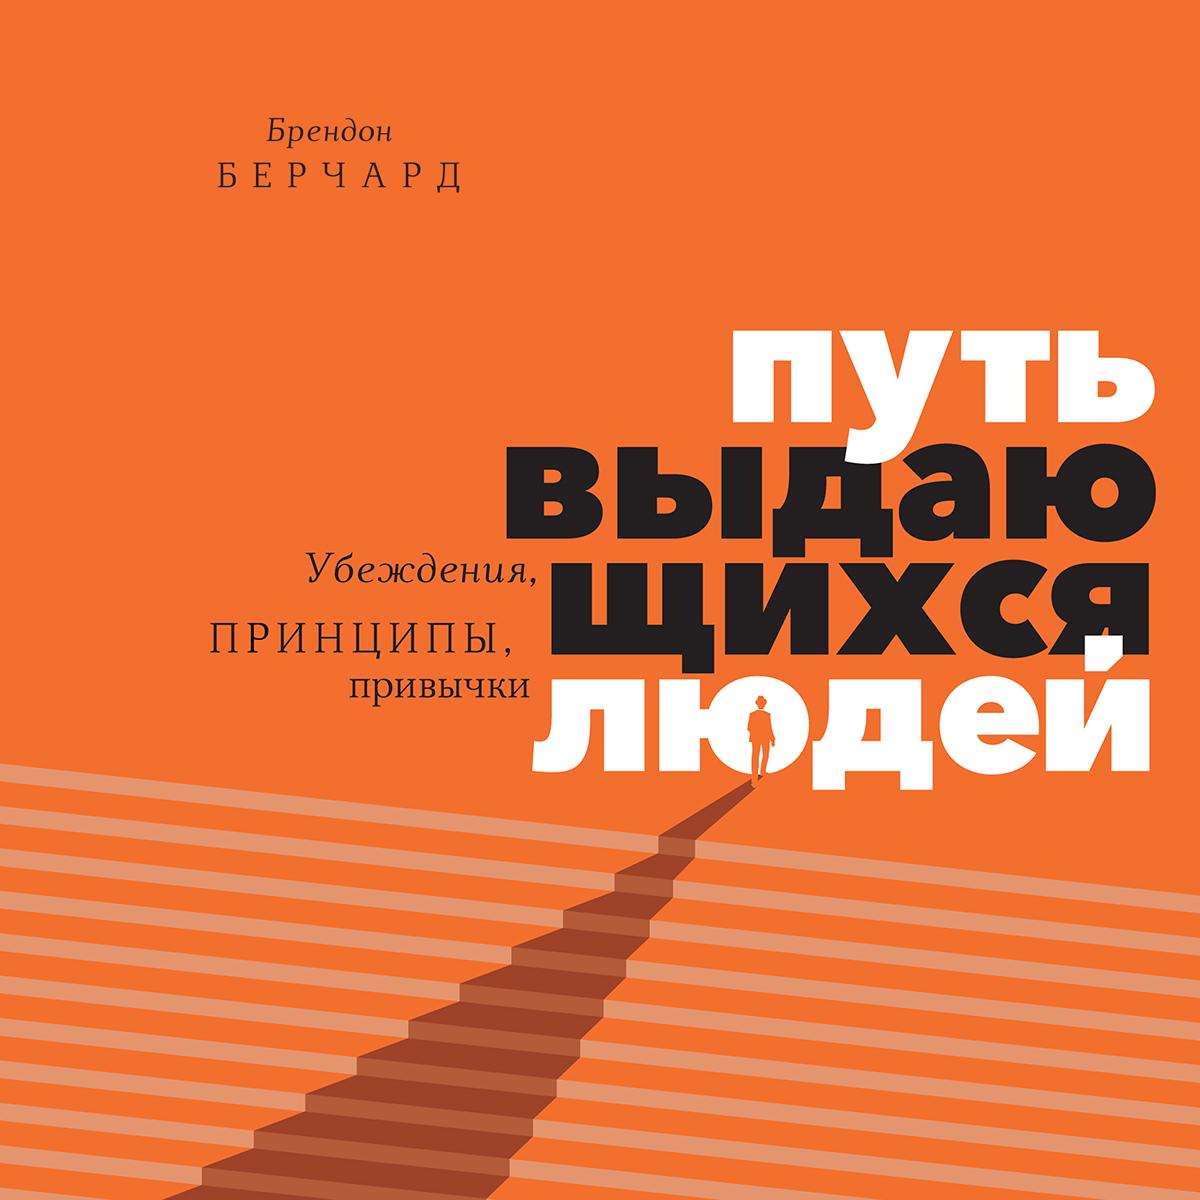 Брендон Берчард Путь выдающихся людей. Убеждения, принципы, привычки